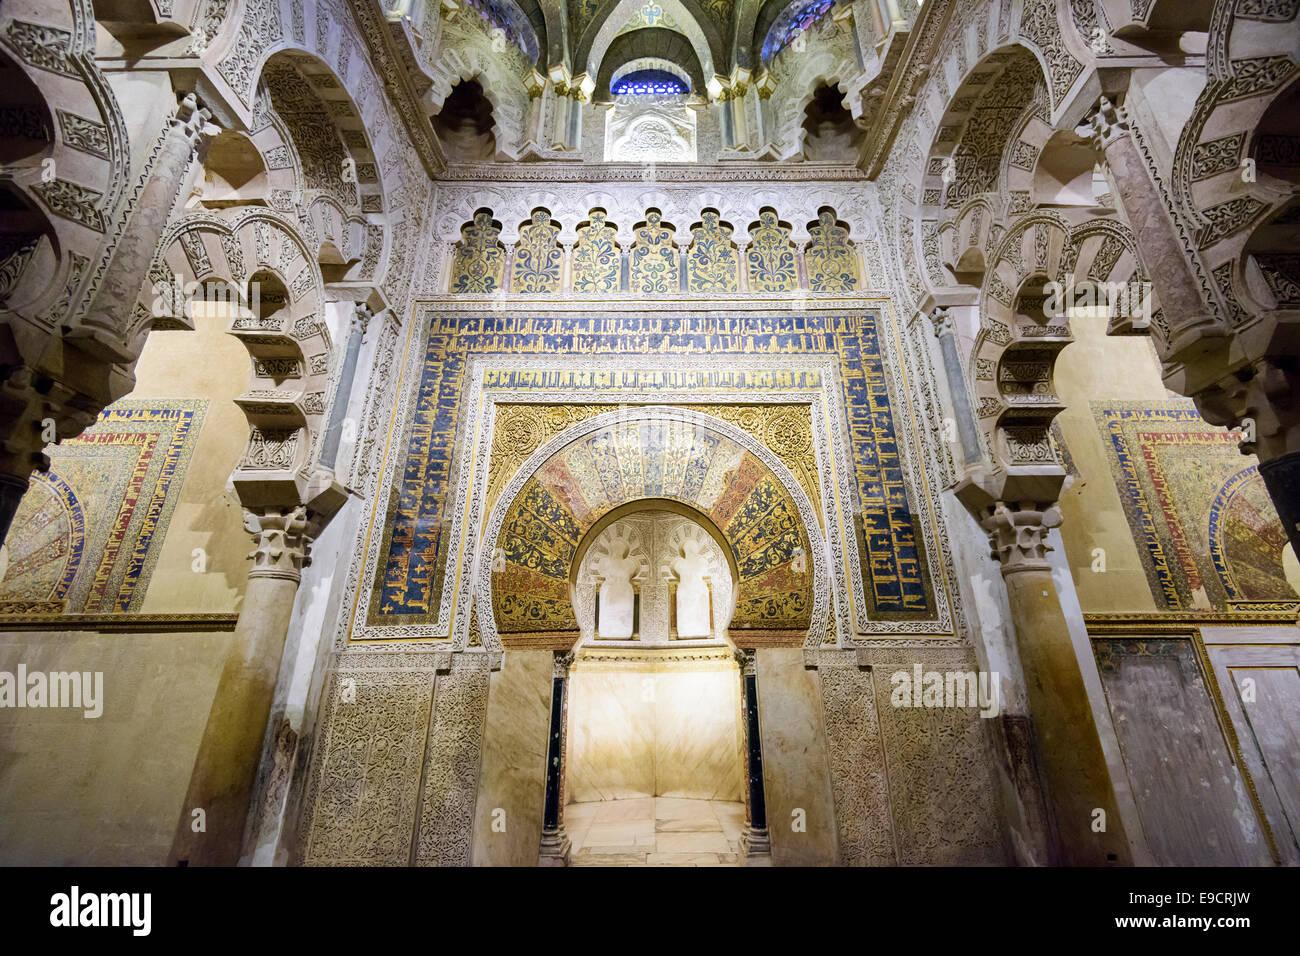 Moschee-Kathedrale von Córdoba, Spanien. Stockbild